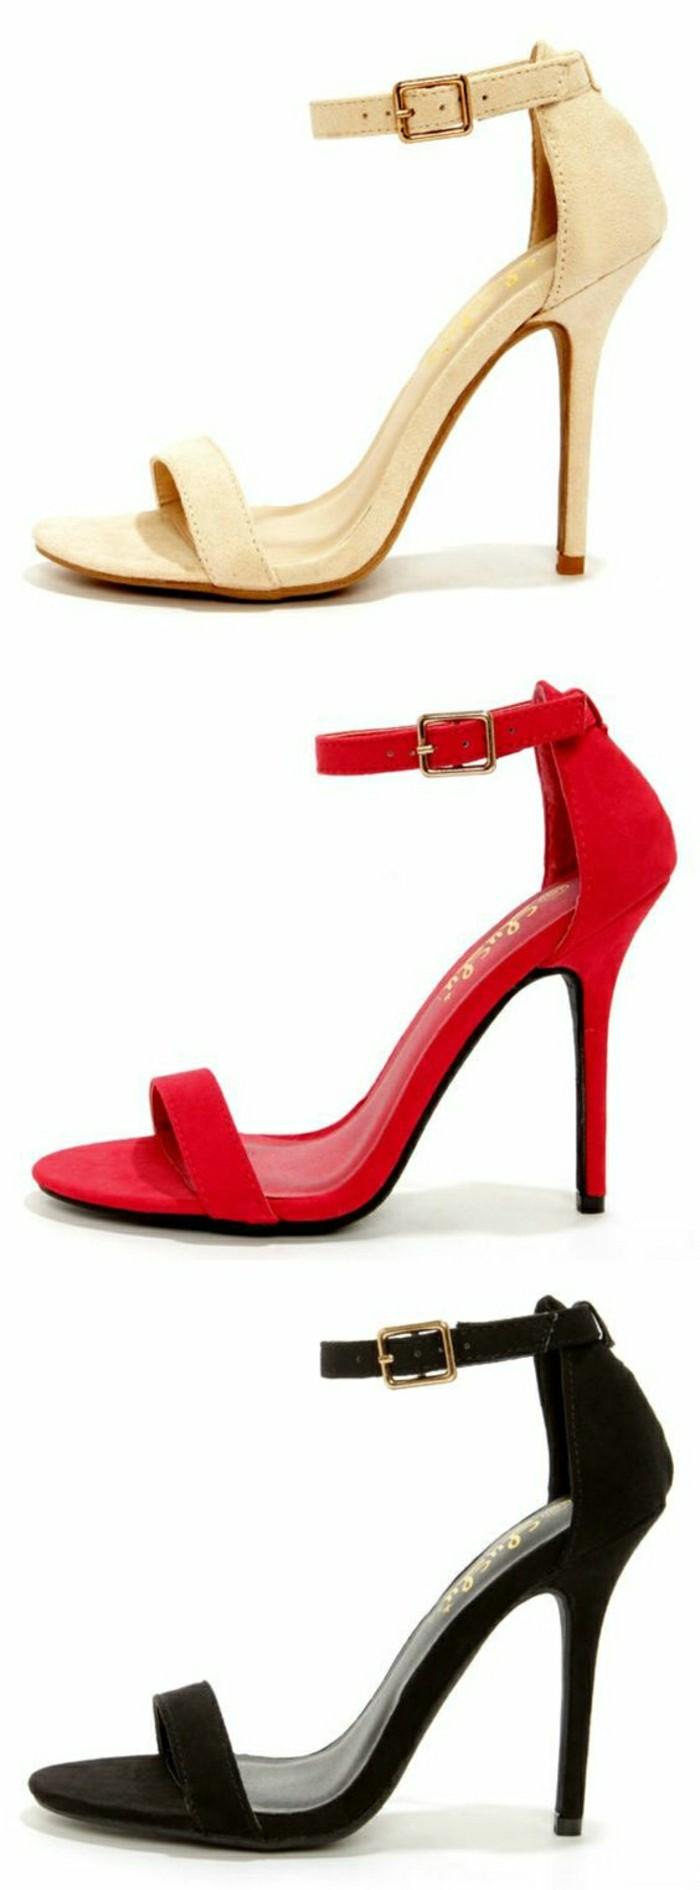 chaussures-compensées-femme-tendances-de-la-mode-pour-2016-sandales-pas-cher-femme